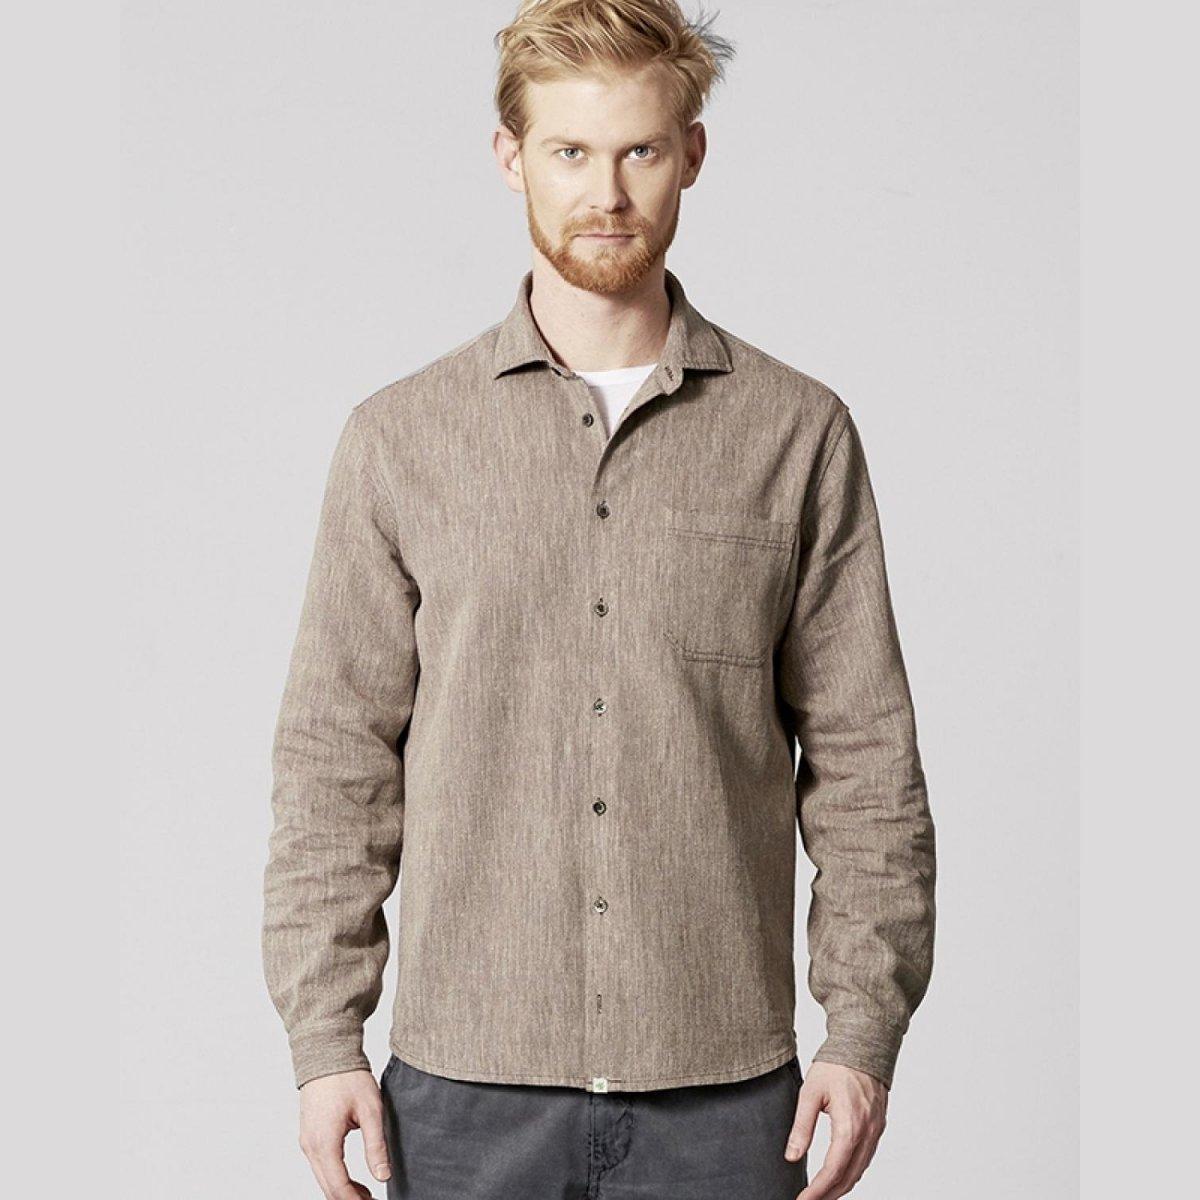 Camicia uomo melange in canapa e cotone biologico